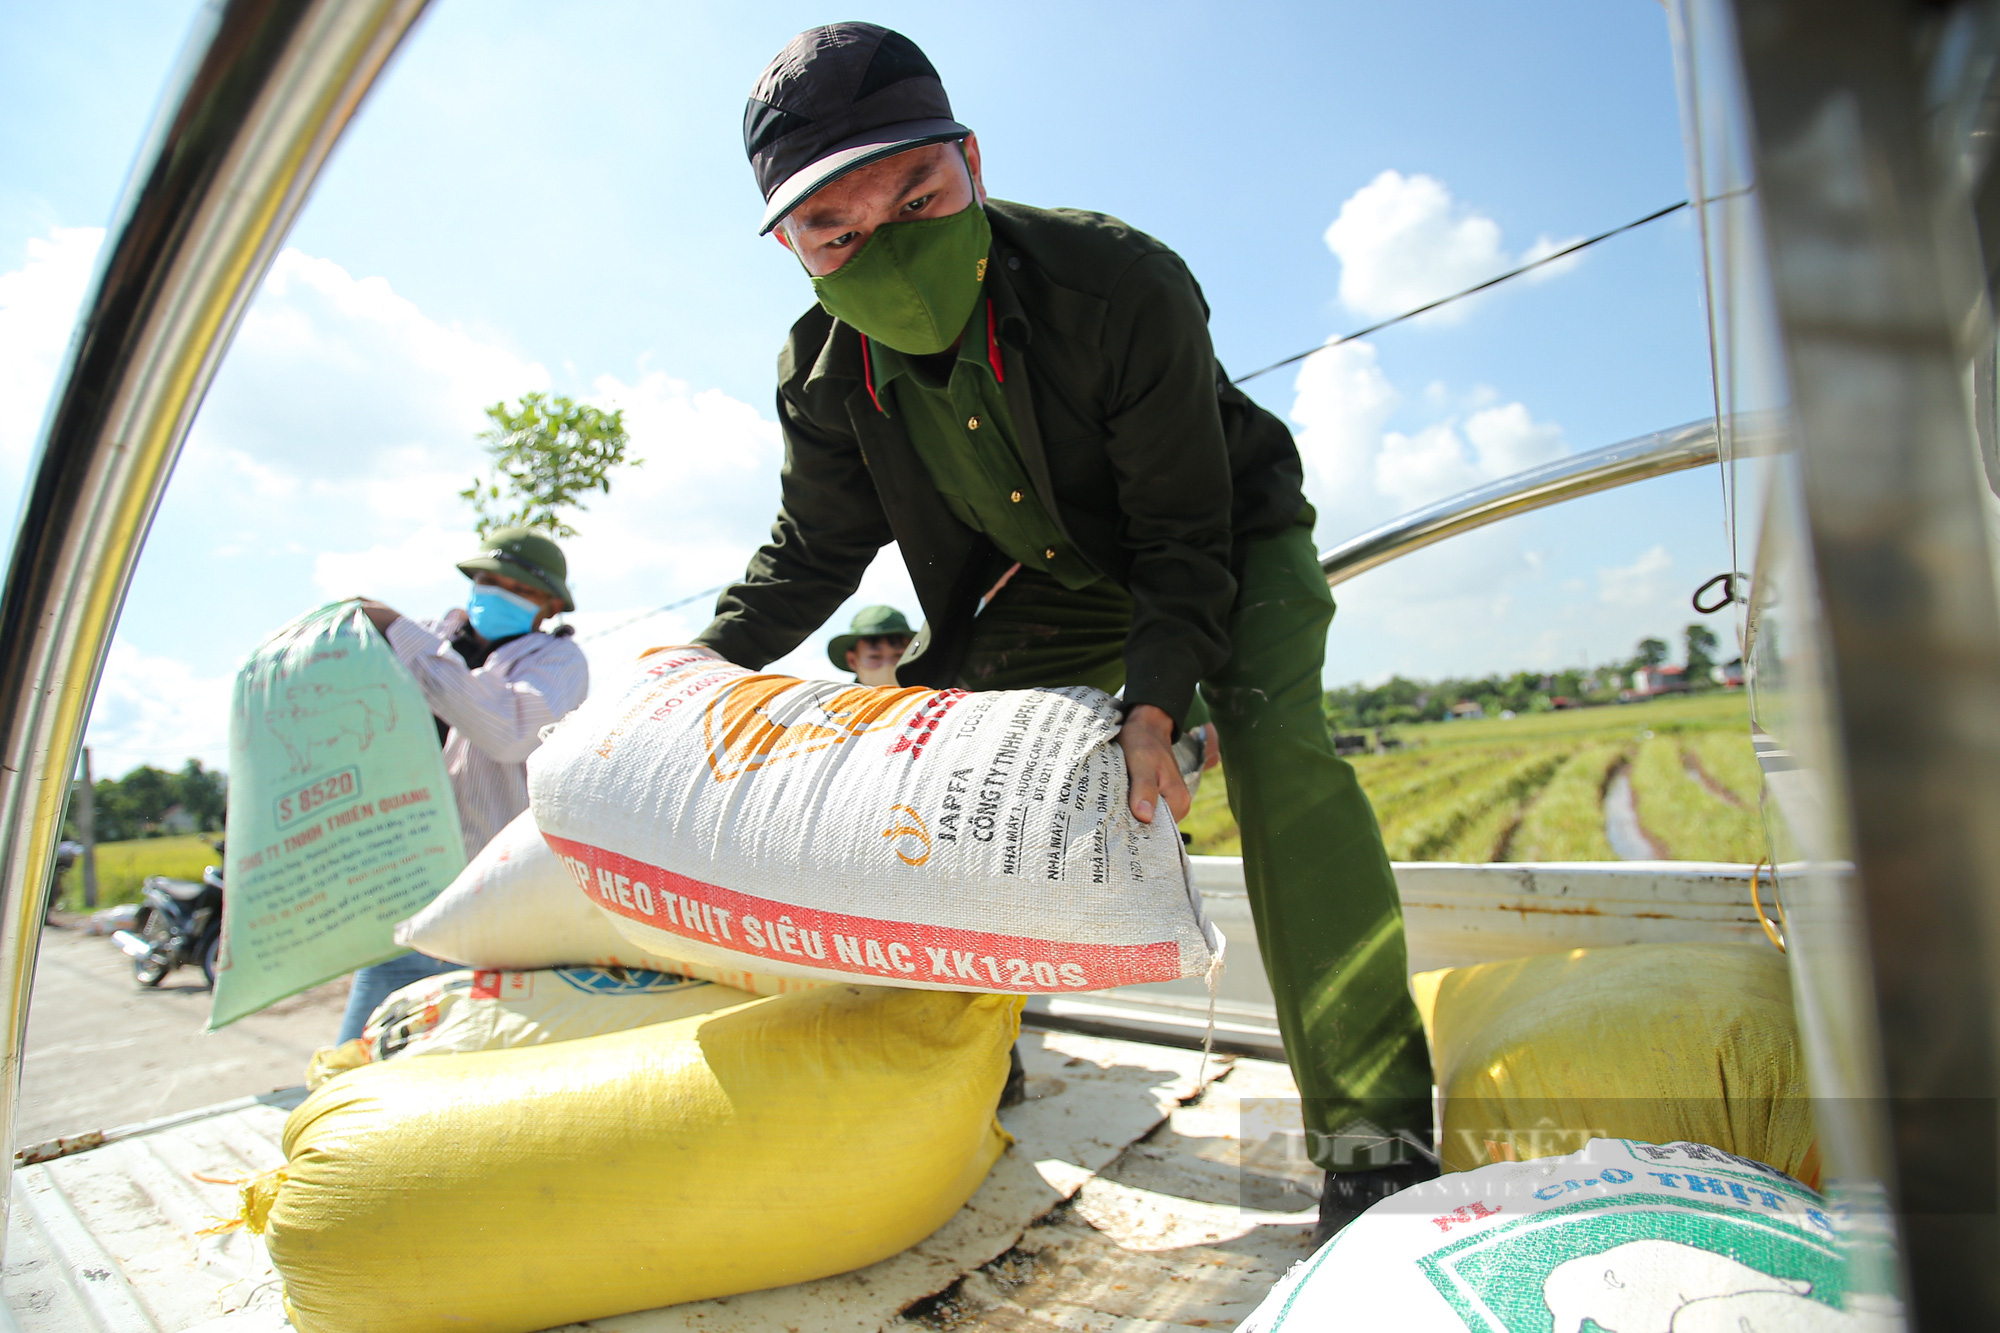 Hình ảnh chiến sĩ công an lội ruộng, ăn cơm vội để thu hoạch lúa giúp 141 hộ ở vùng cách ly y tế - Ảnh 4.